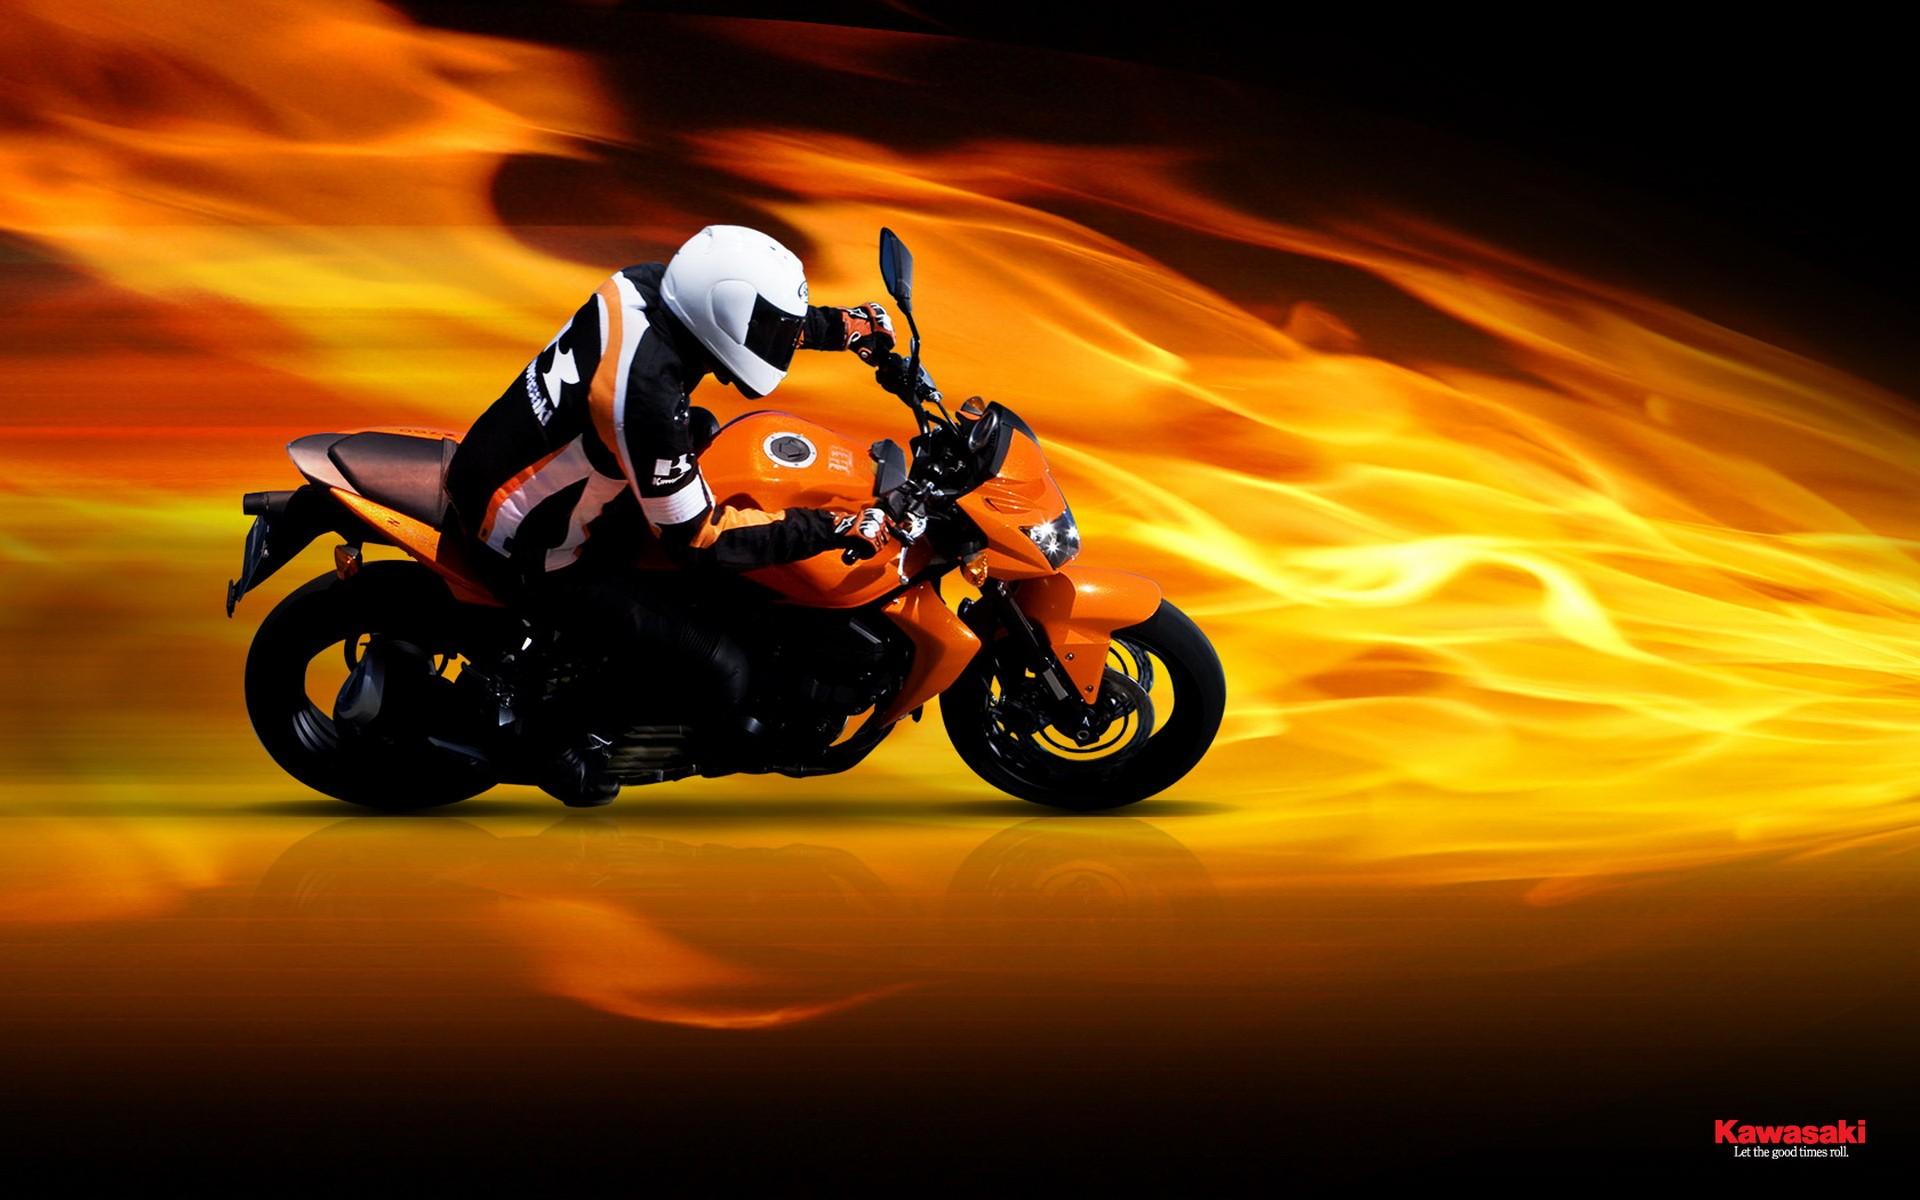 Kawasaki Z750 bike fire kawasaki motorcycle z750 1920x1200